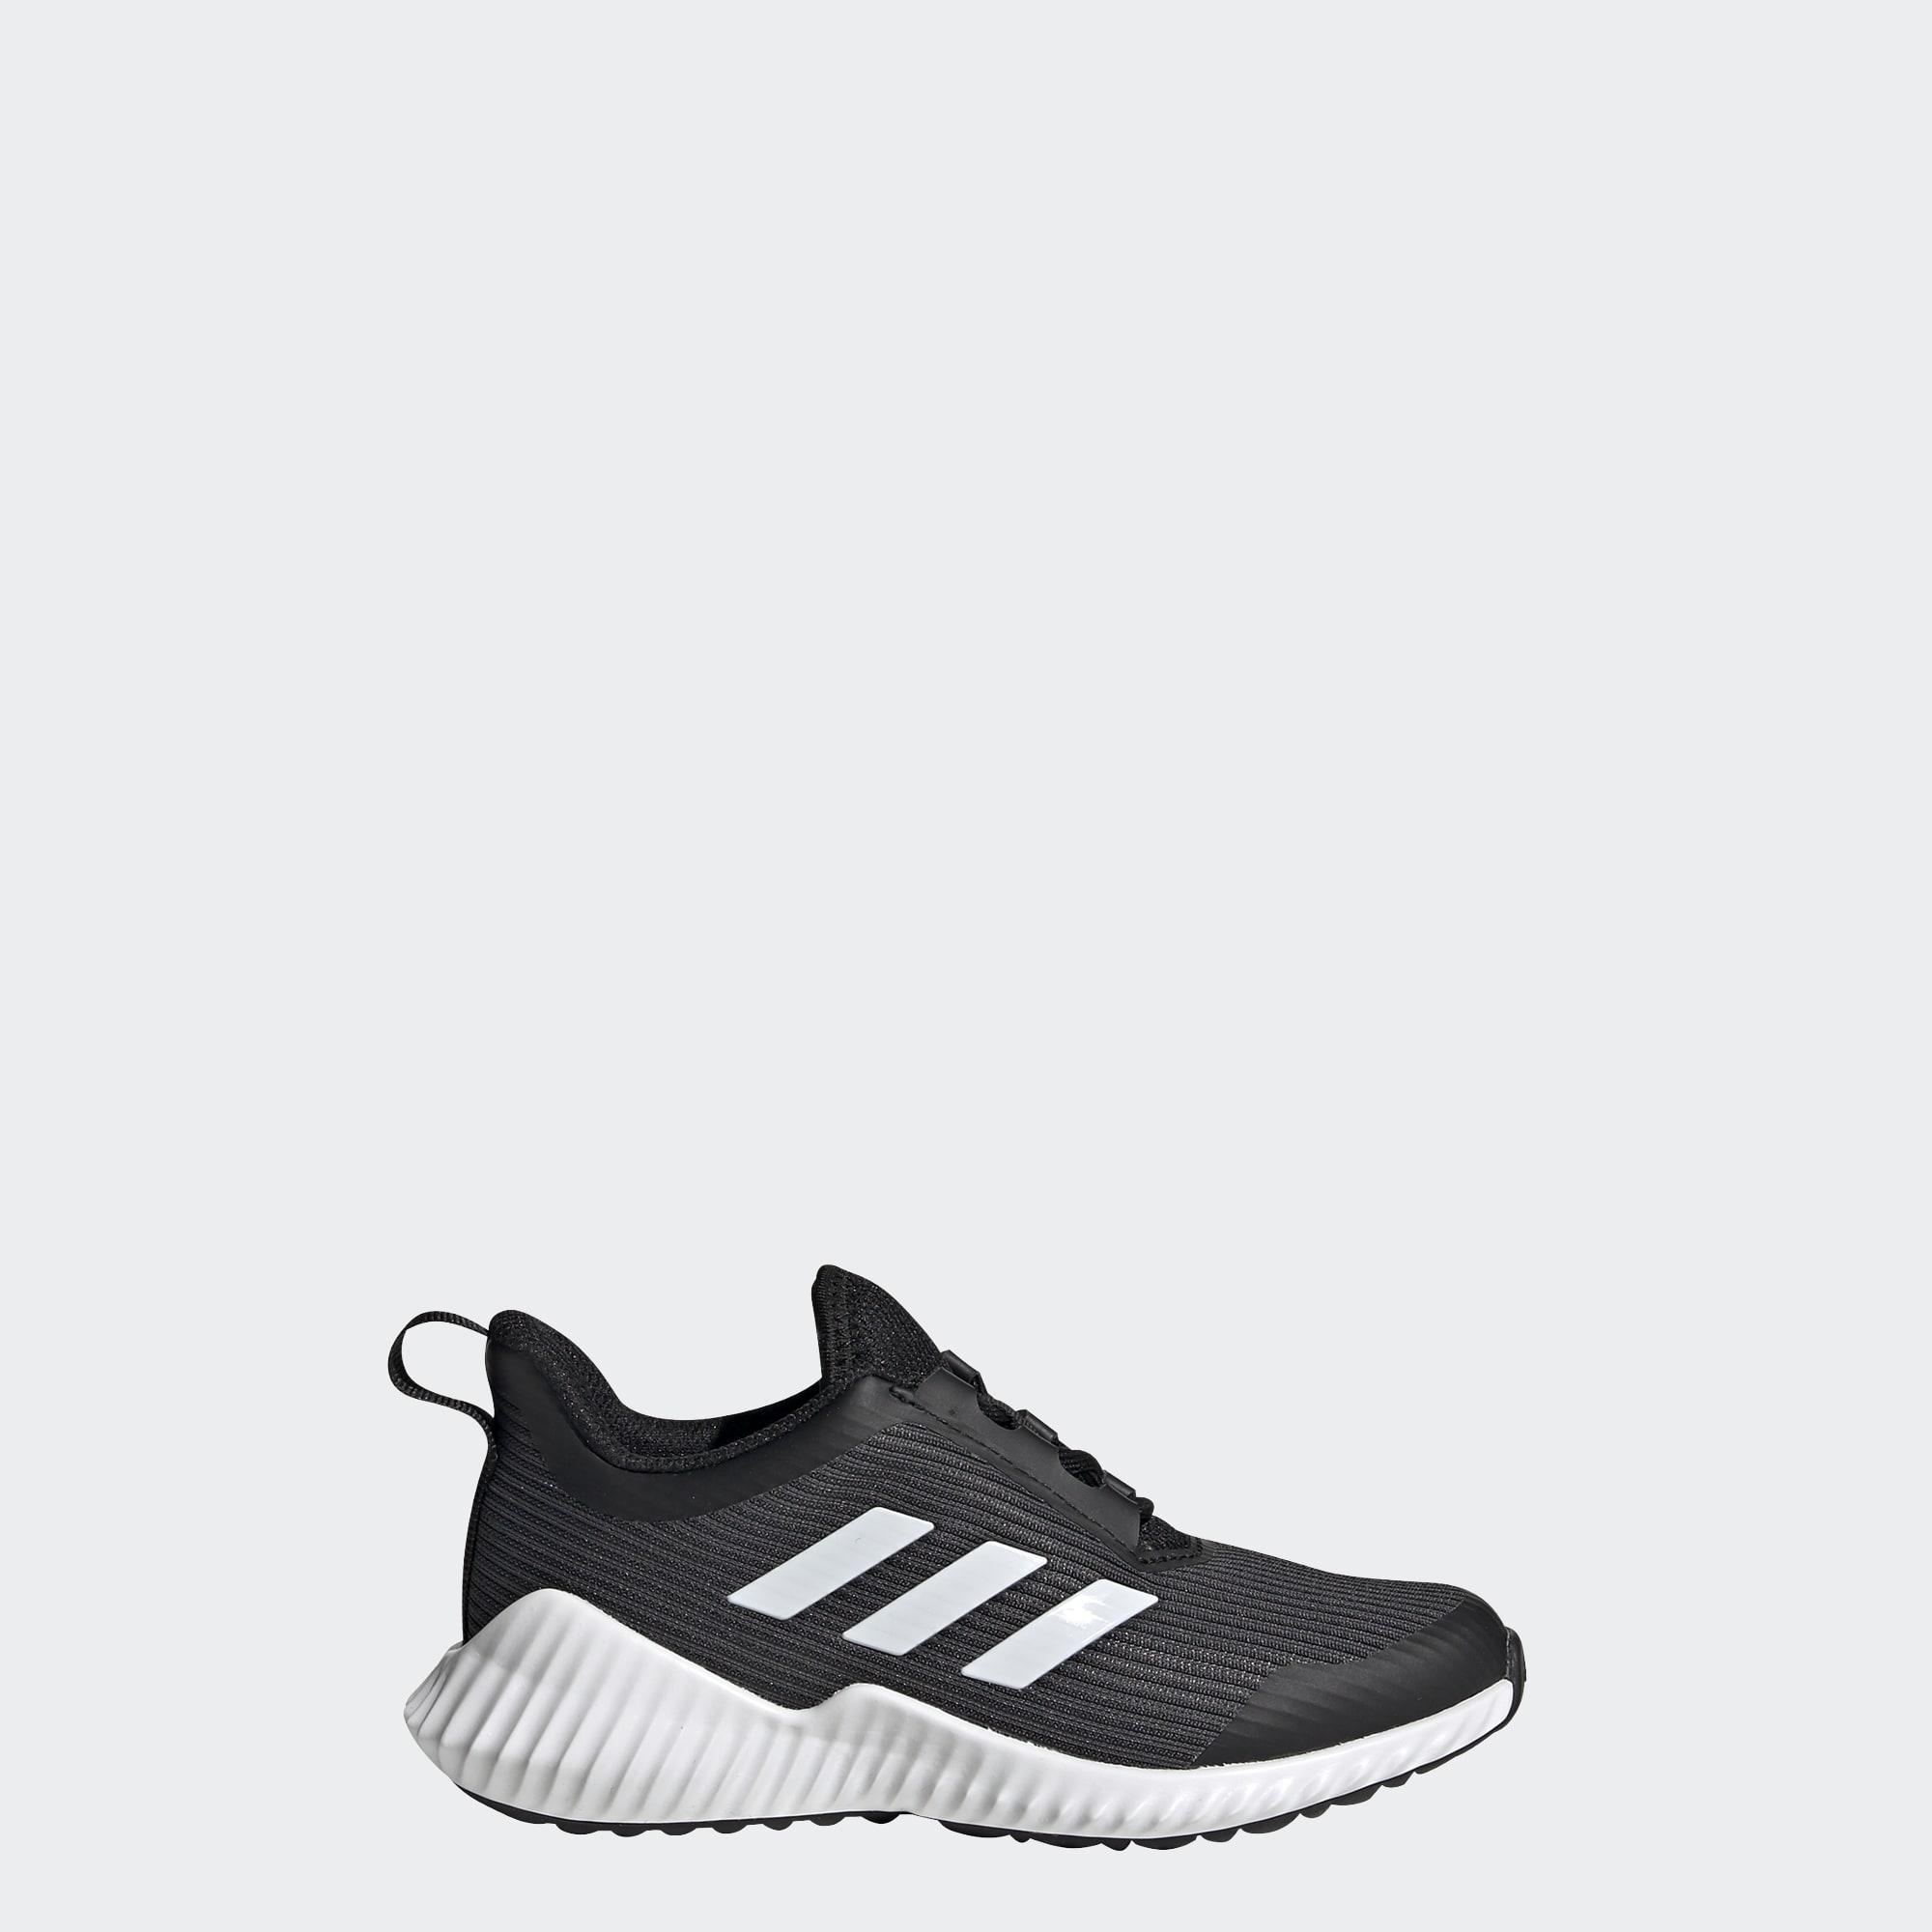 Adidas Fortarun Kids Running Shoes